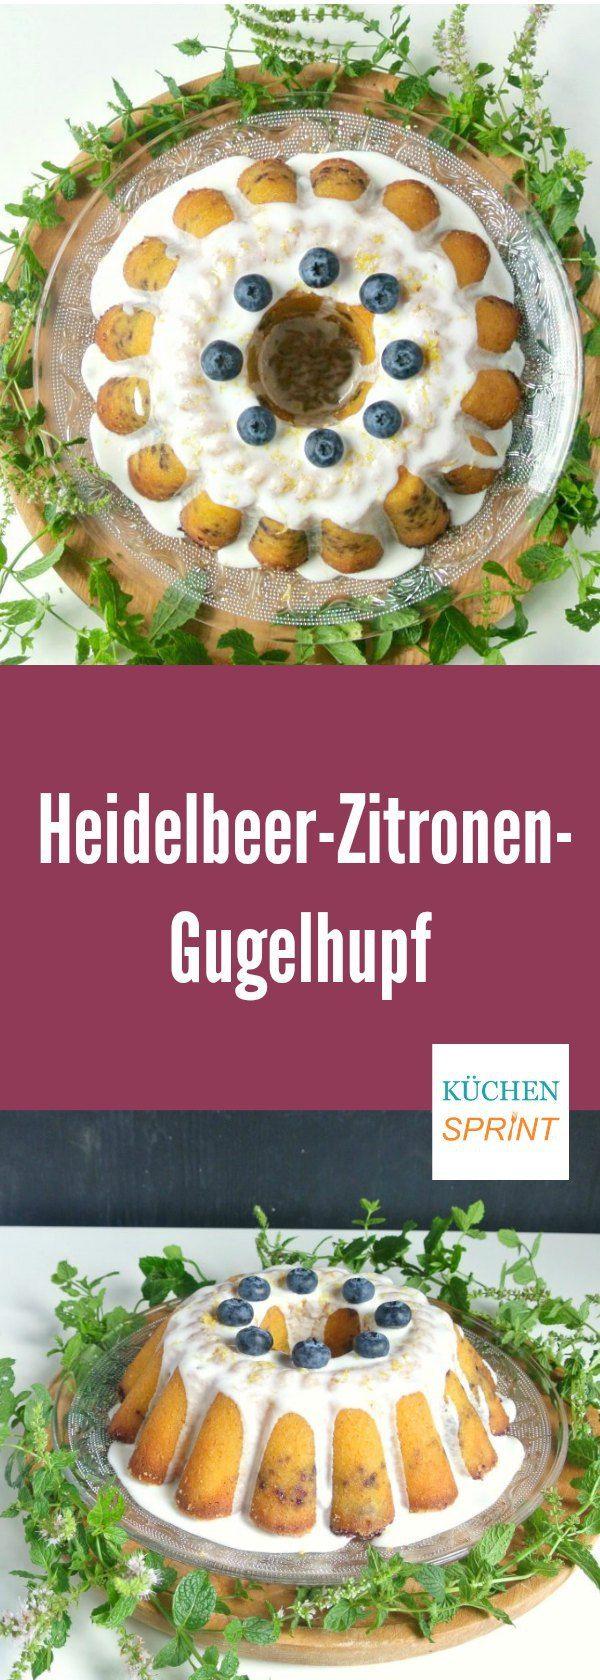 Heidelbeer-Zitronen-Gugelhupf - Heidelbeeren und Zitronen passen einfach wunderbar zusammen. Dieser saftige Gugelhupf ist der Beweis.